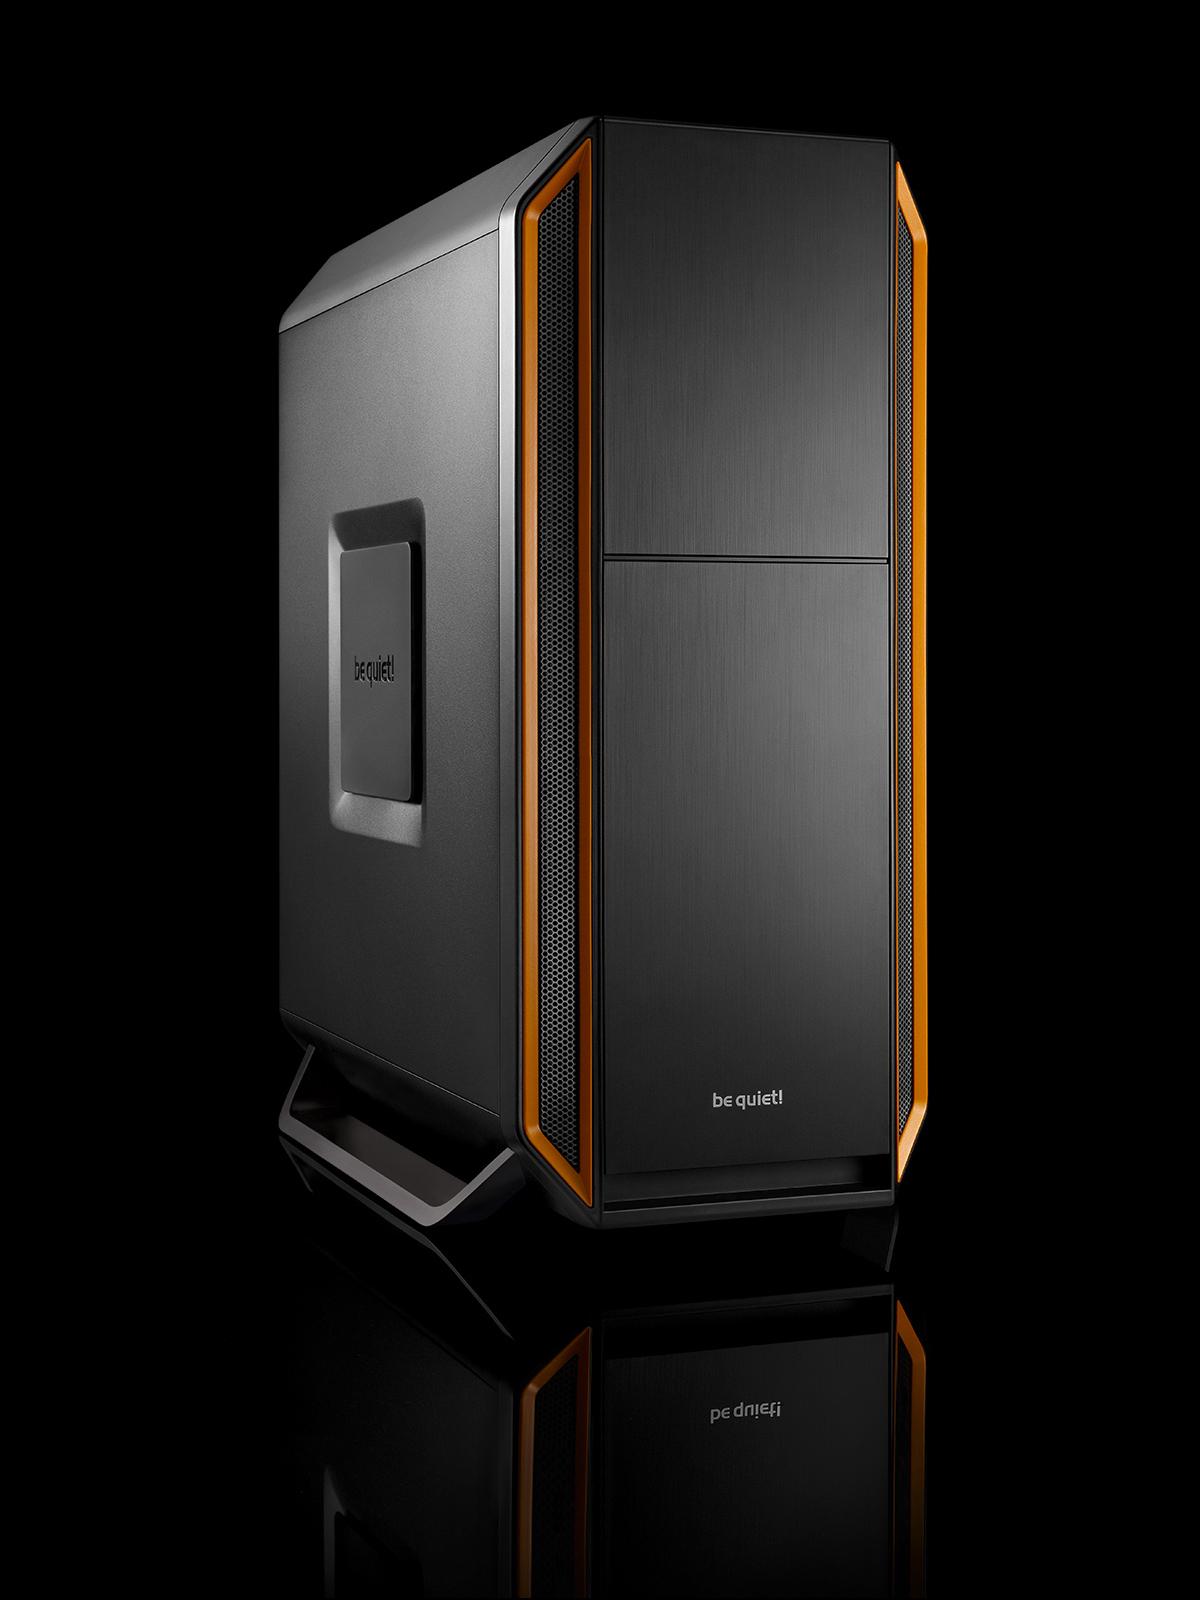 Silent Base 800 orange rgb Imágenes del nuevo Gabinete Silent Base 800 de Be Quiet!